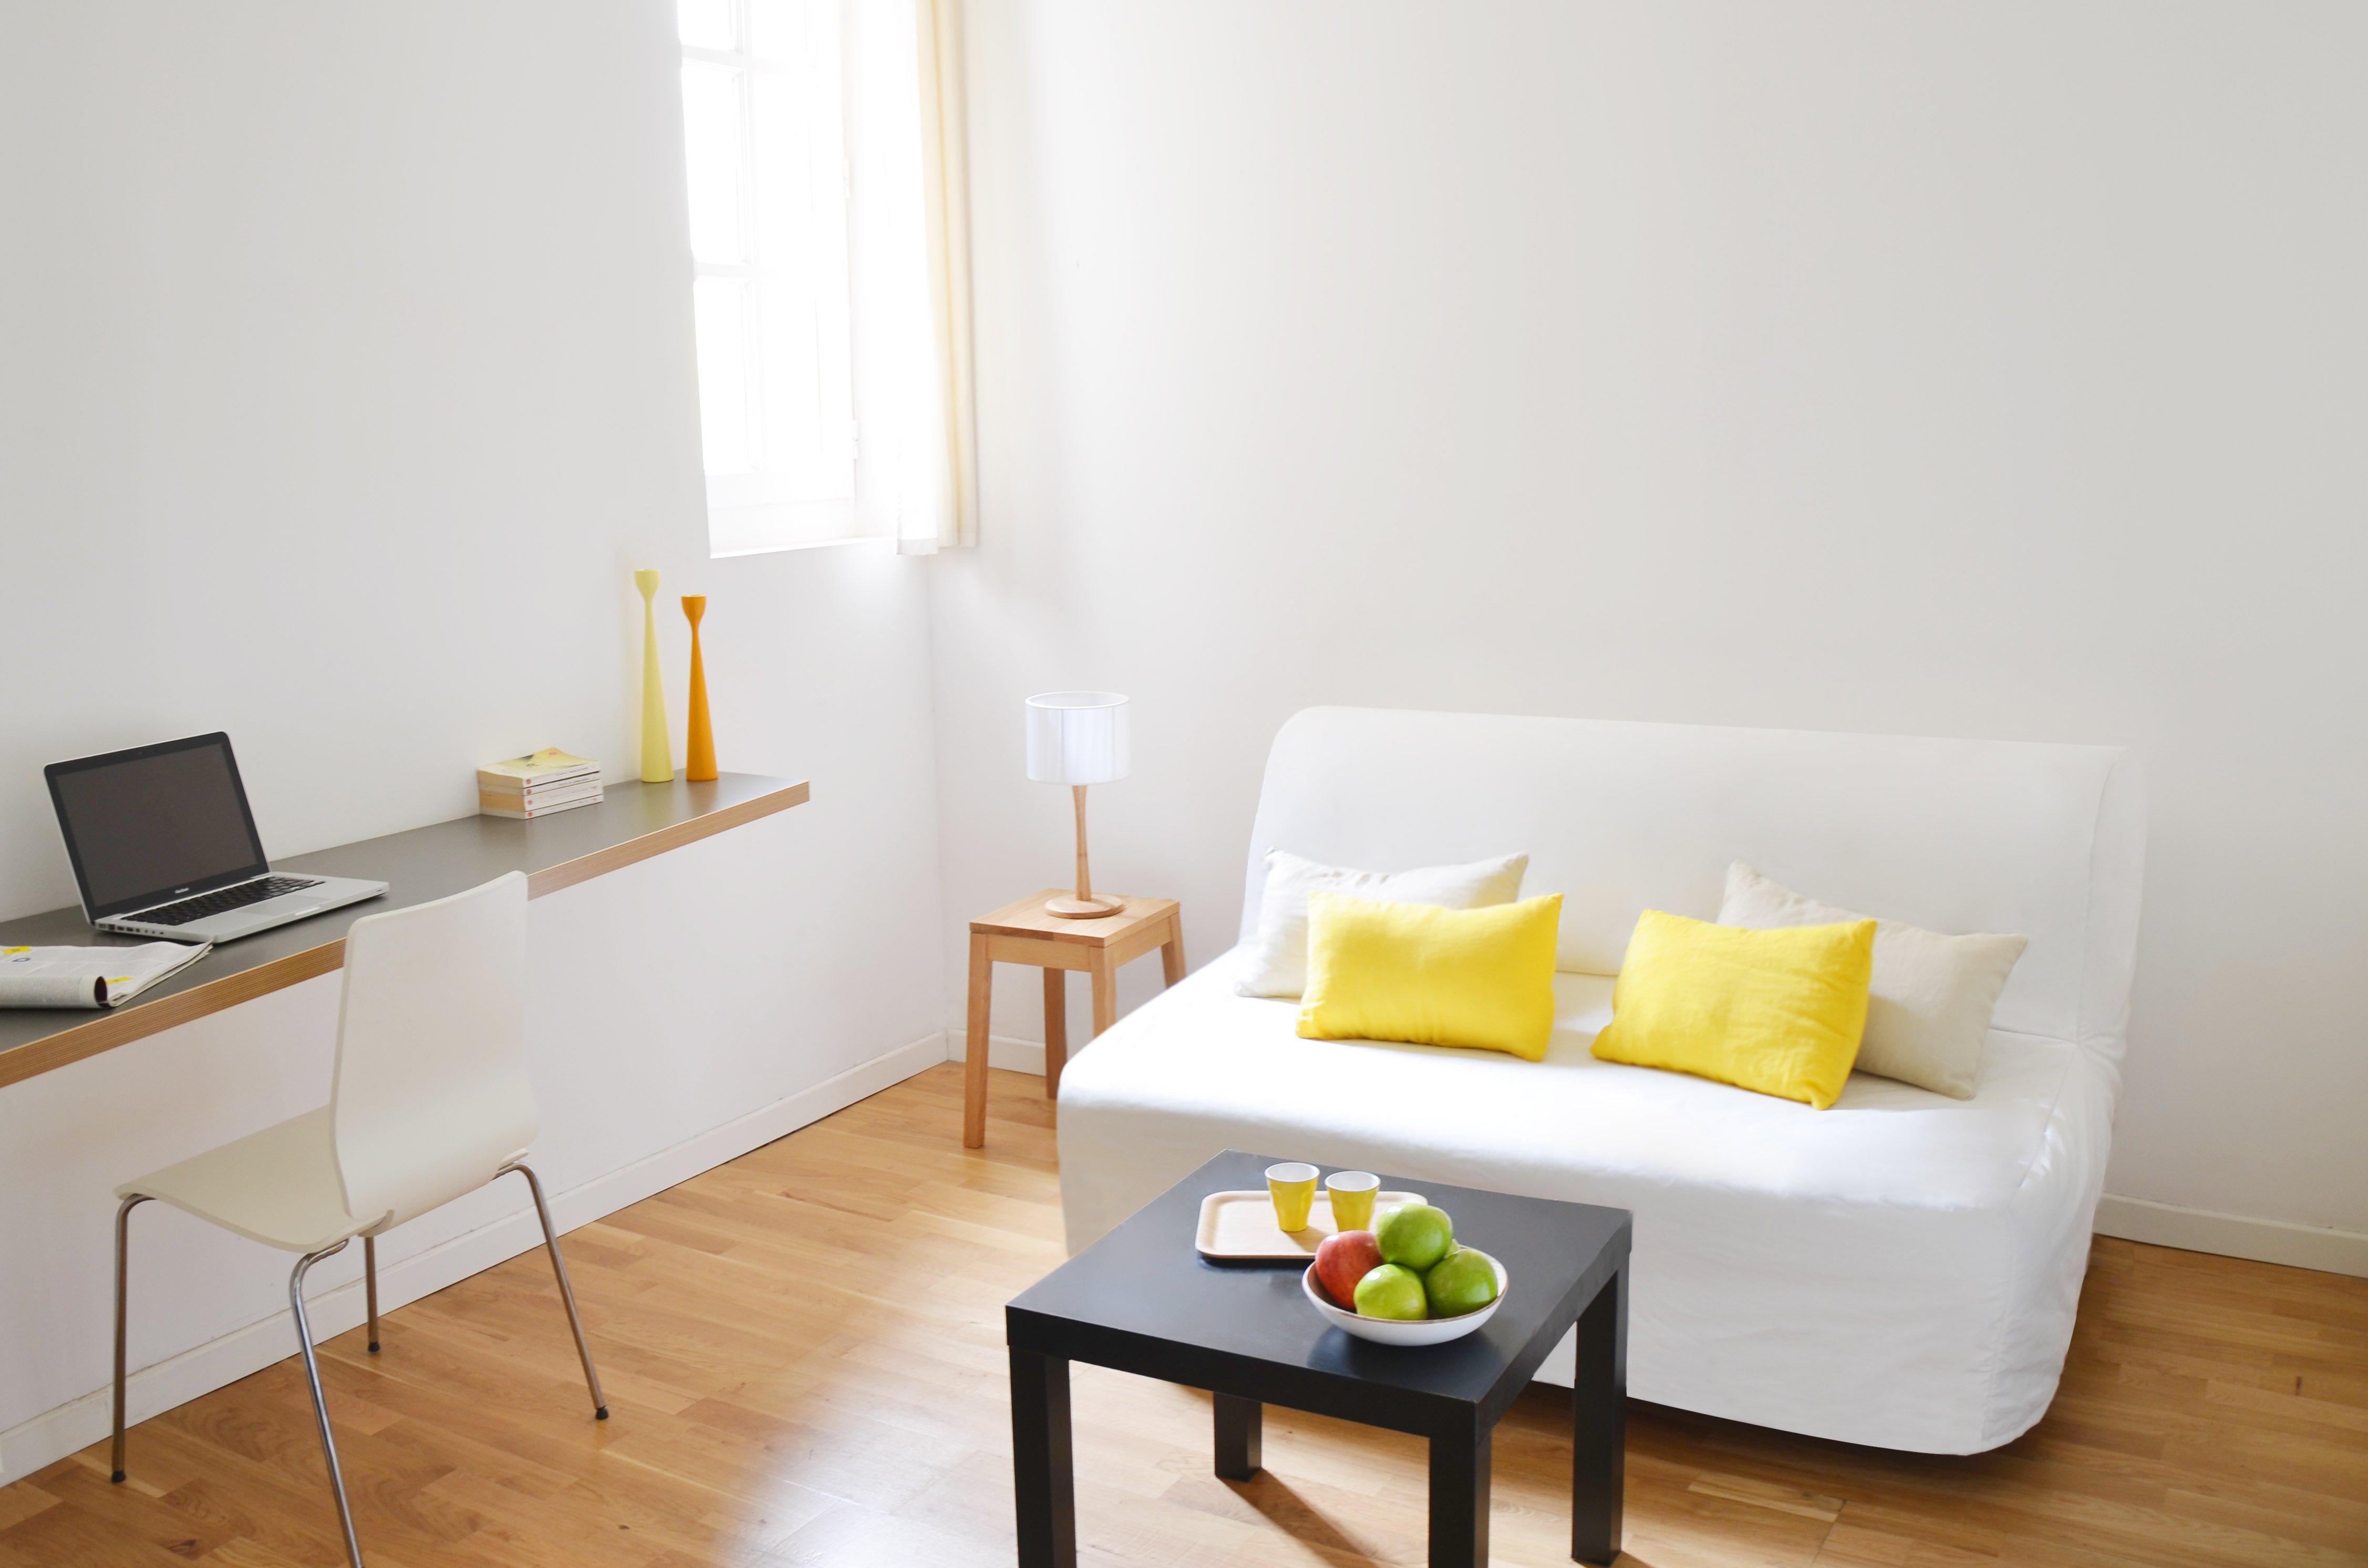 location meublee et taxe habitation conceptions de la maison. Black Bedroom Furniture Sets. Home Design Ideas